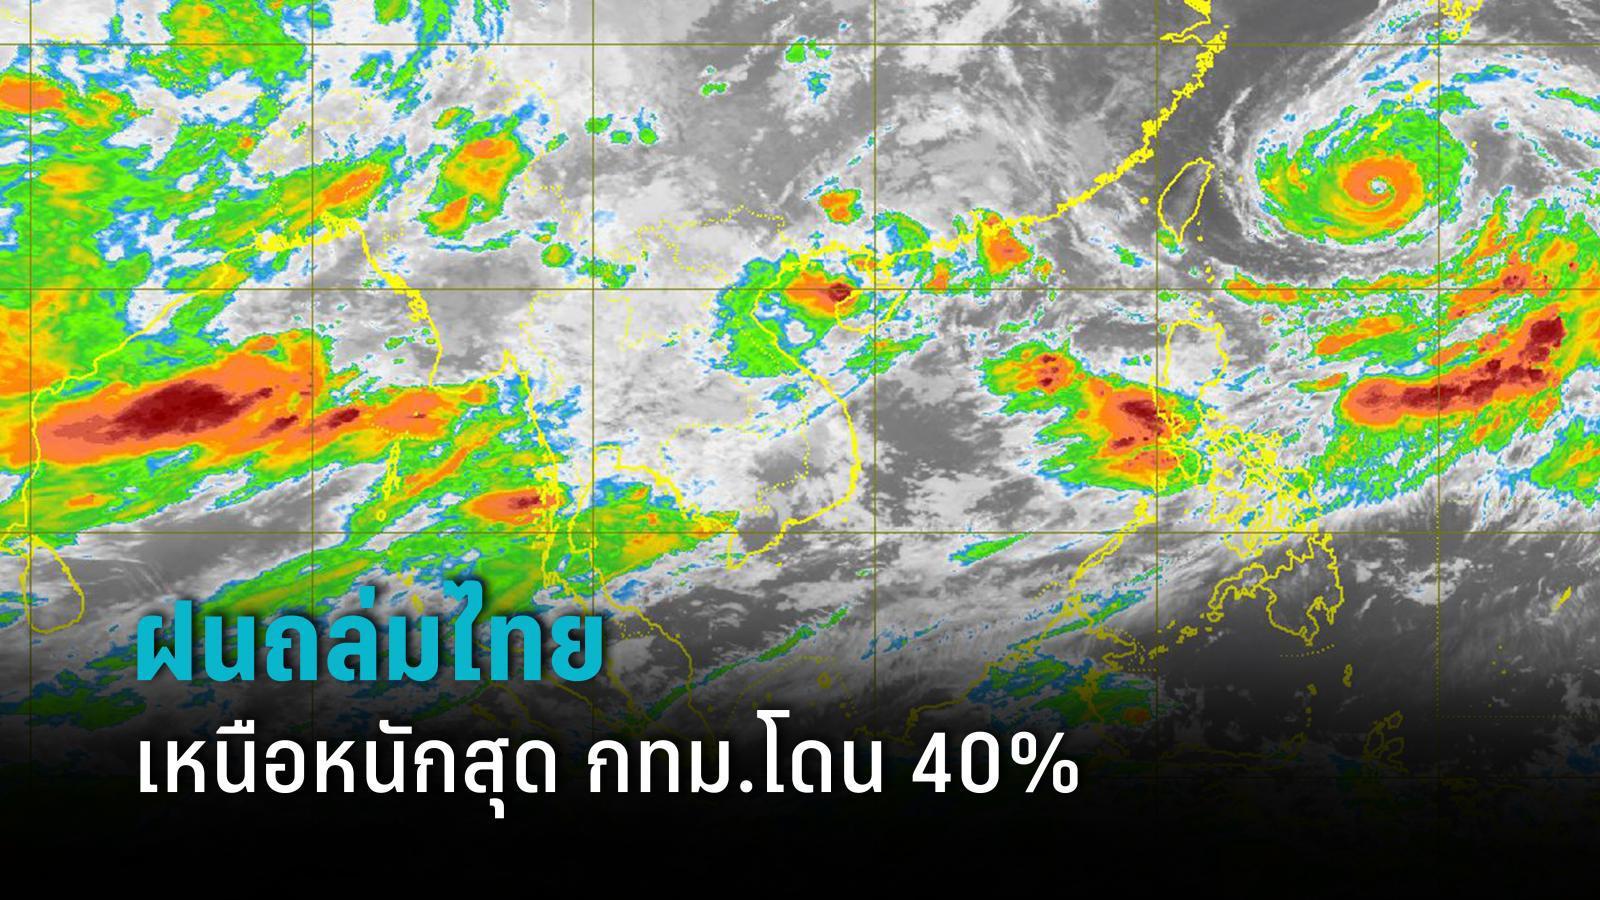 กรมอุตุฯ เผย ไทยเจอมรสุม ฝนถล่มหนัก 40 จังหวัด เหนืออ่วม กทม.ไม่รอด